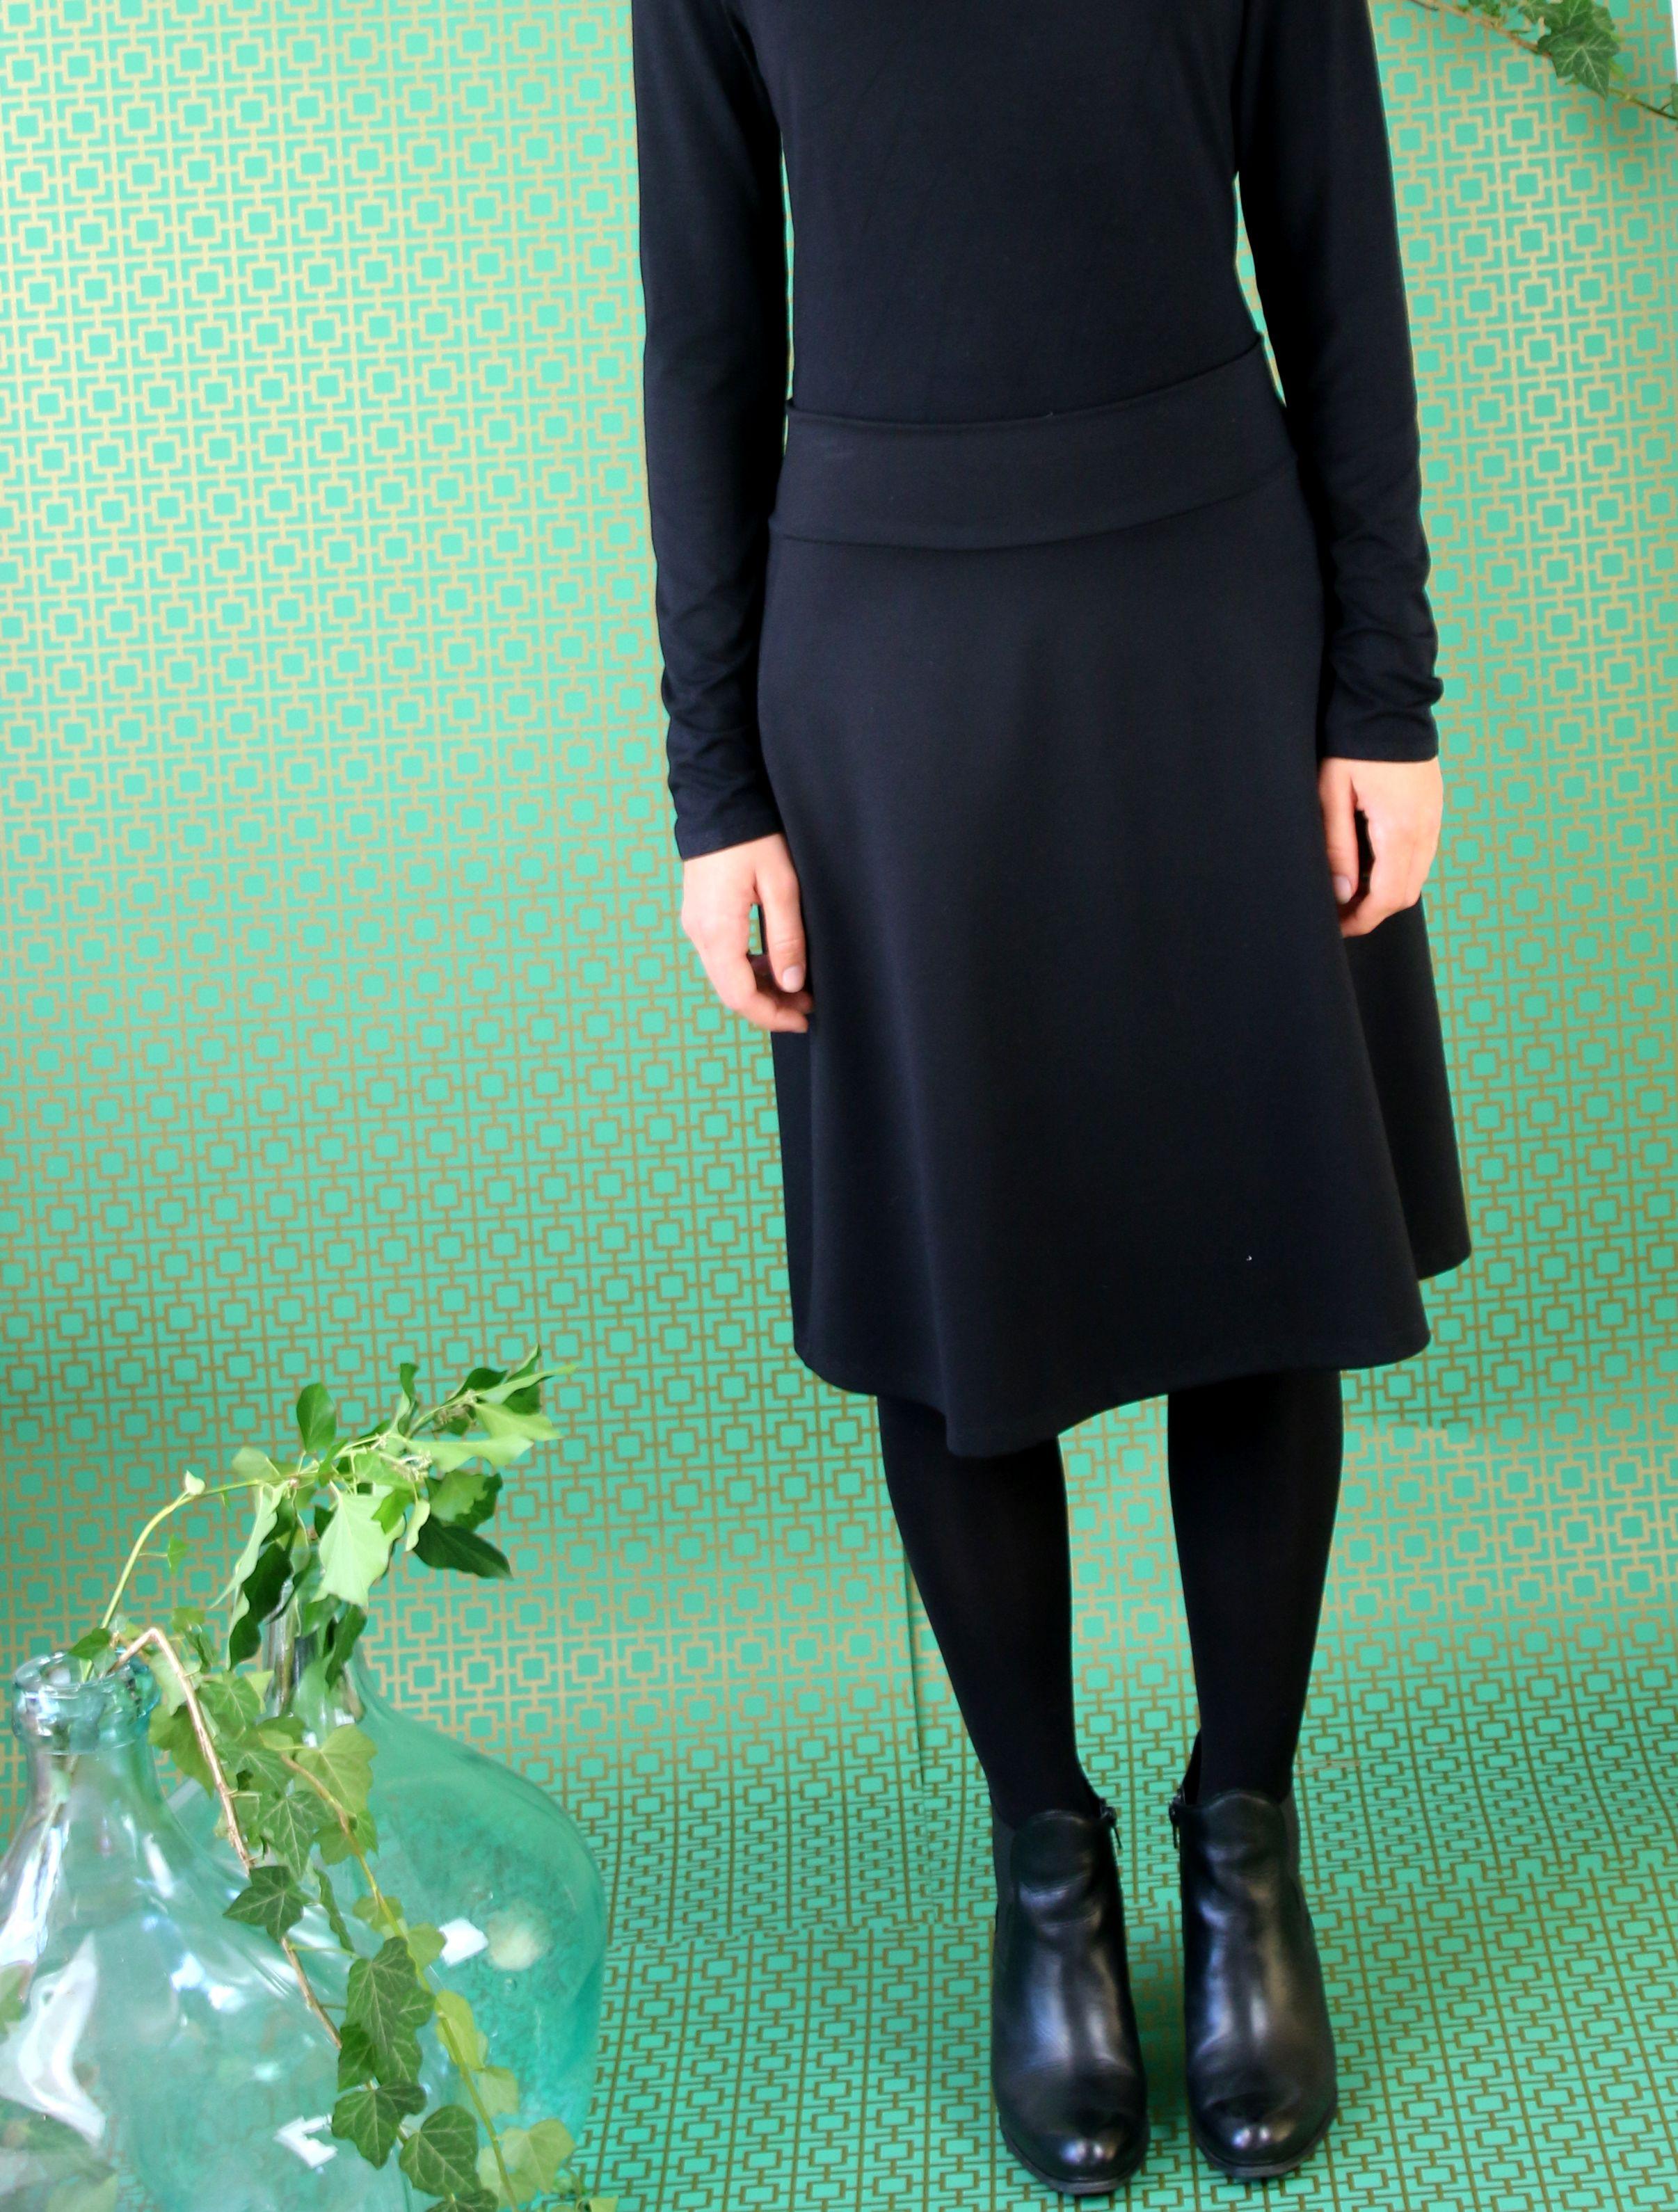 schwarze edle kleiderkombination | kleider kombinationen